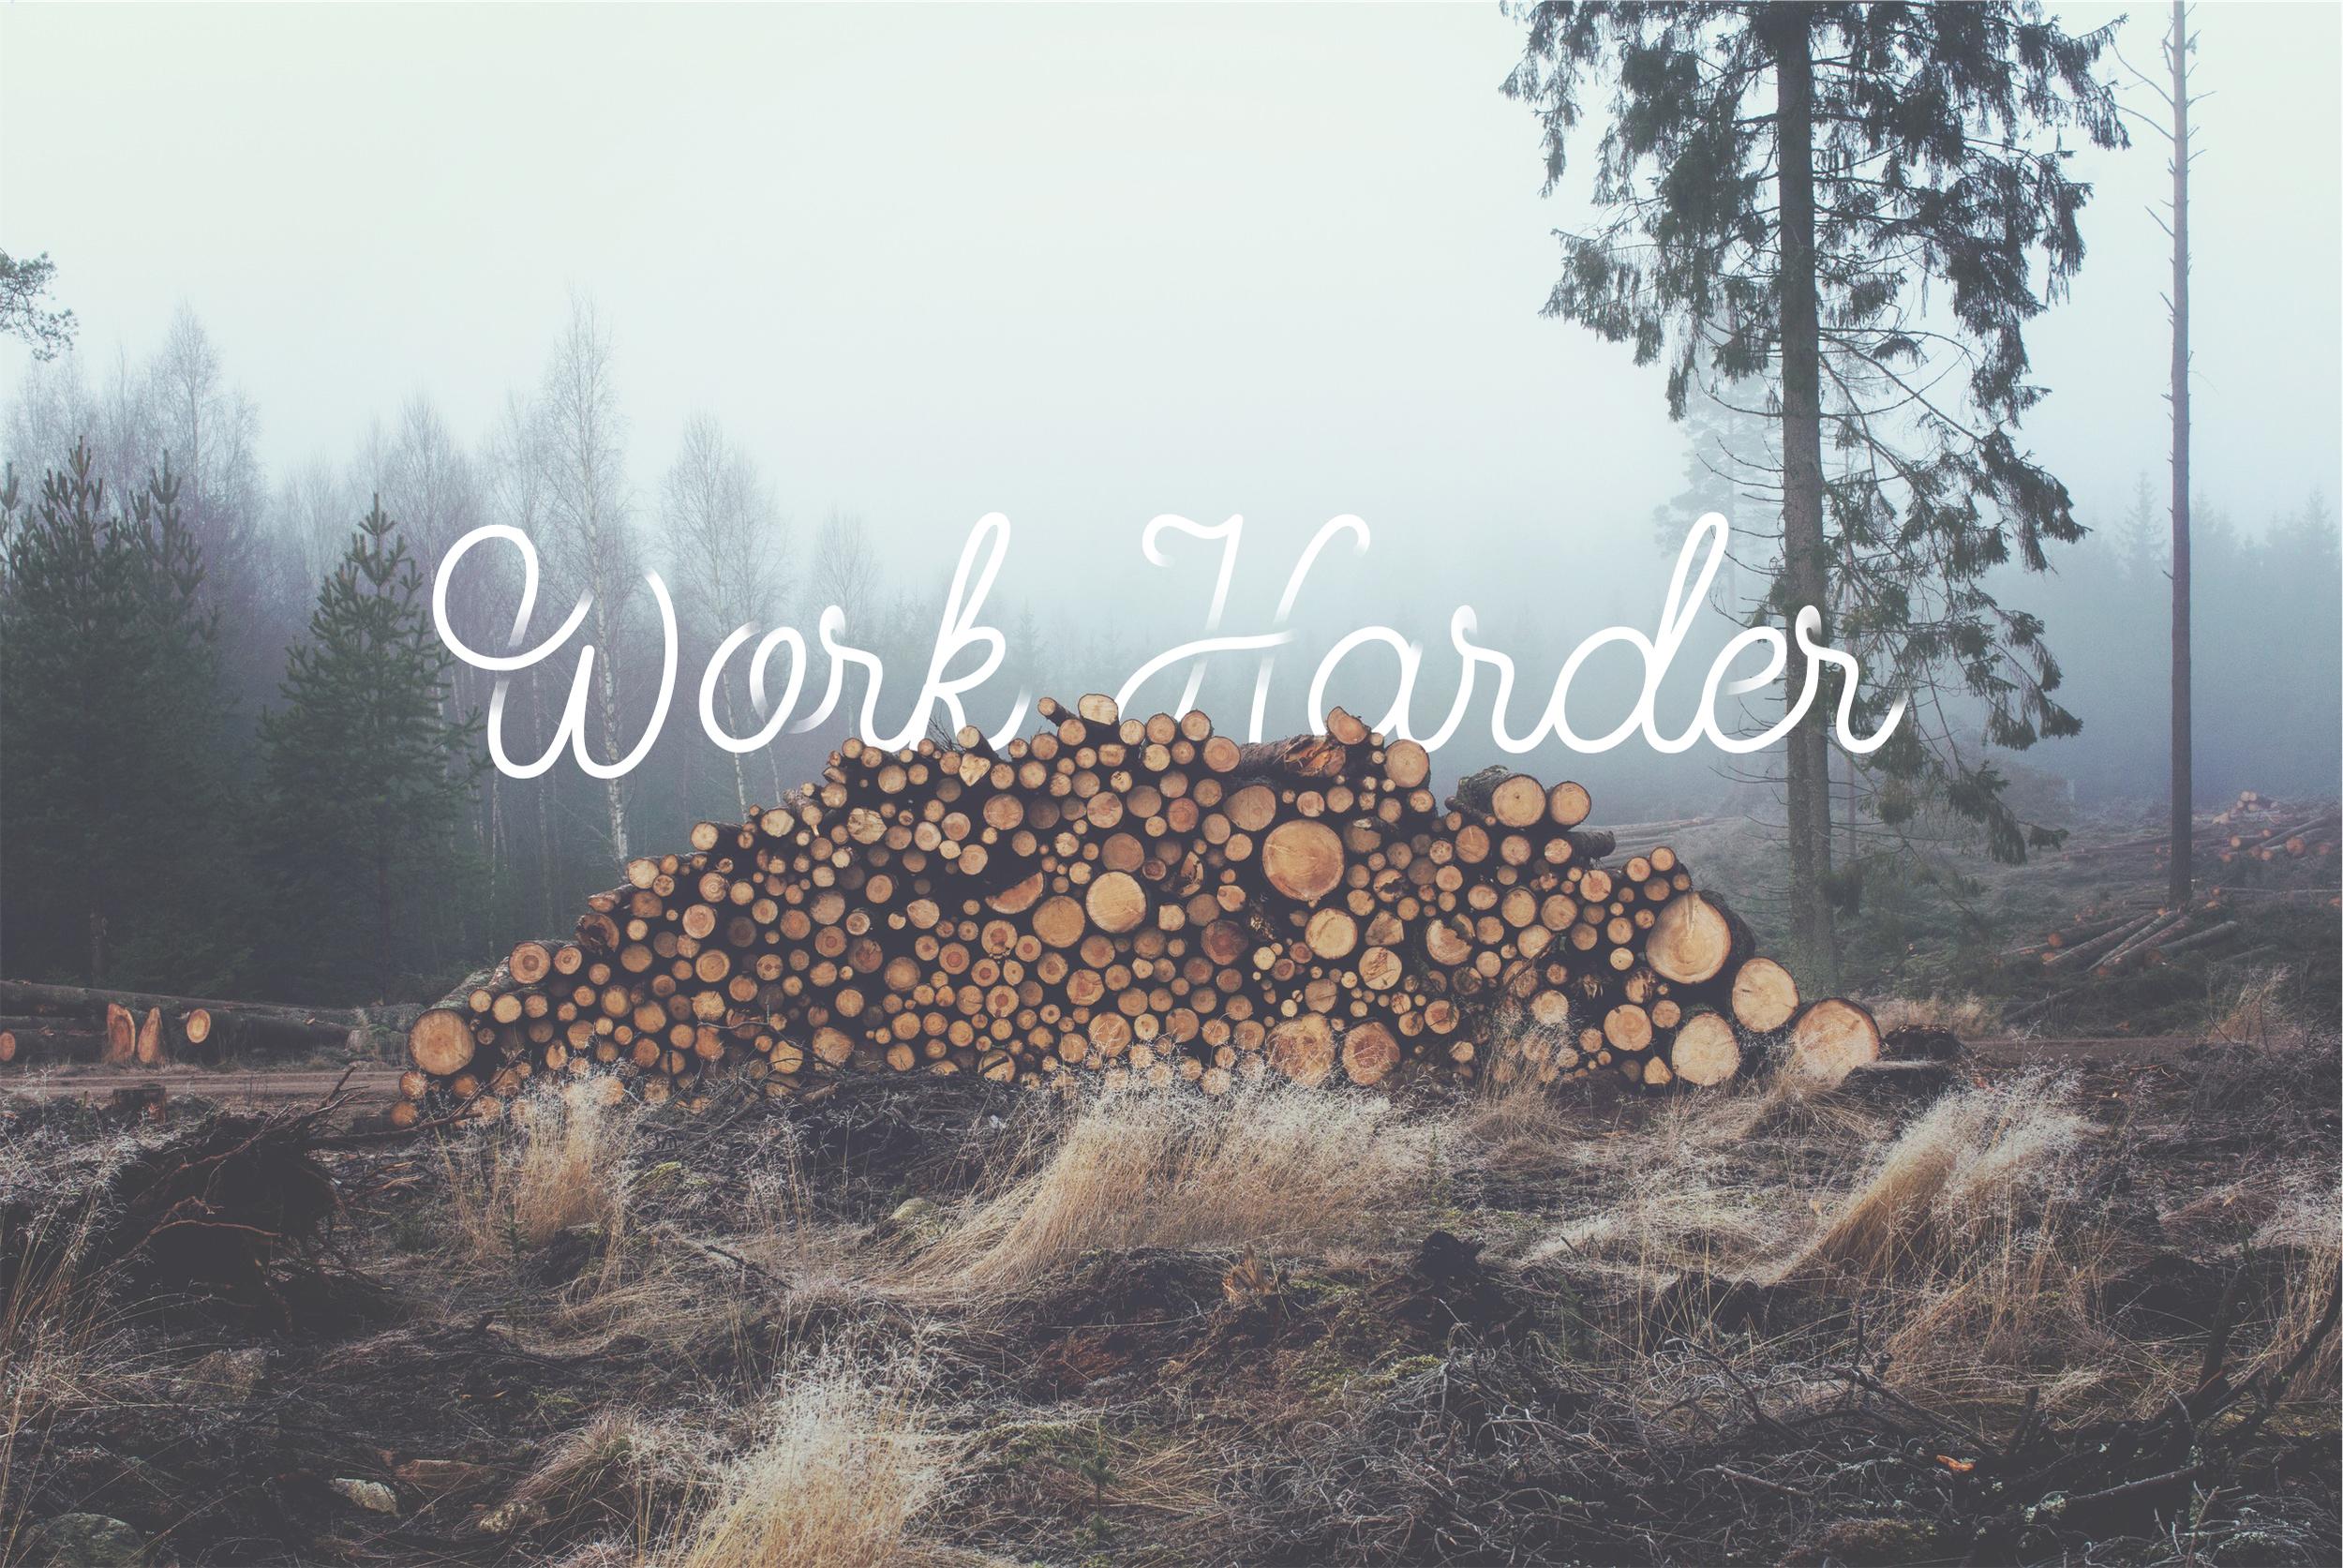 workharder.jpg